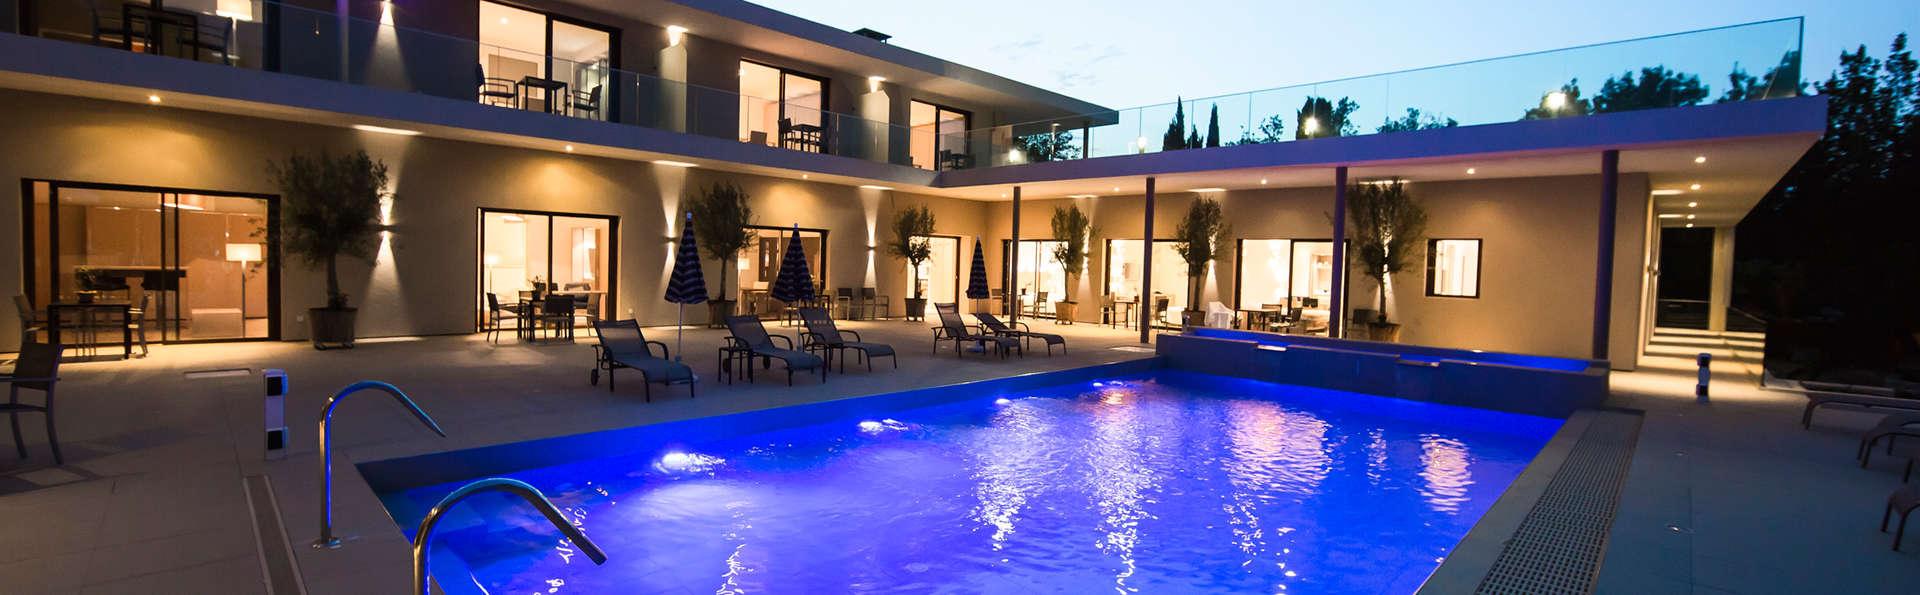 Seventeen Hotel - EDIT_pool4.jpg